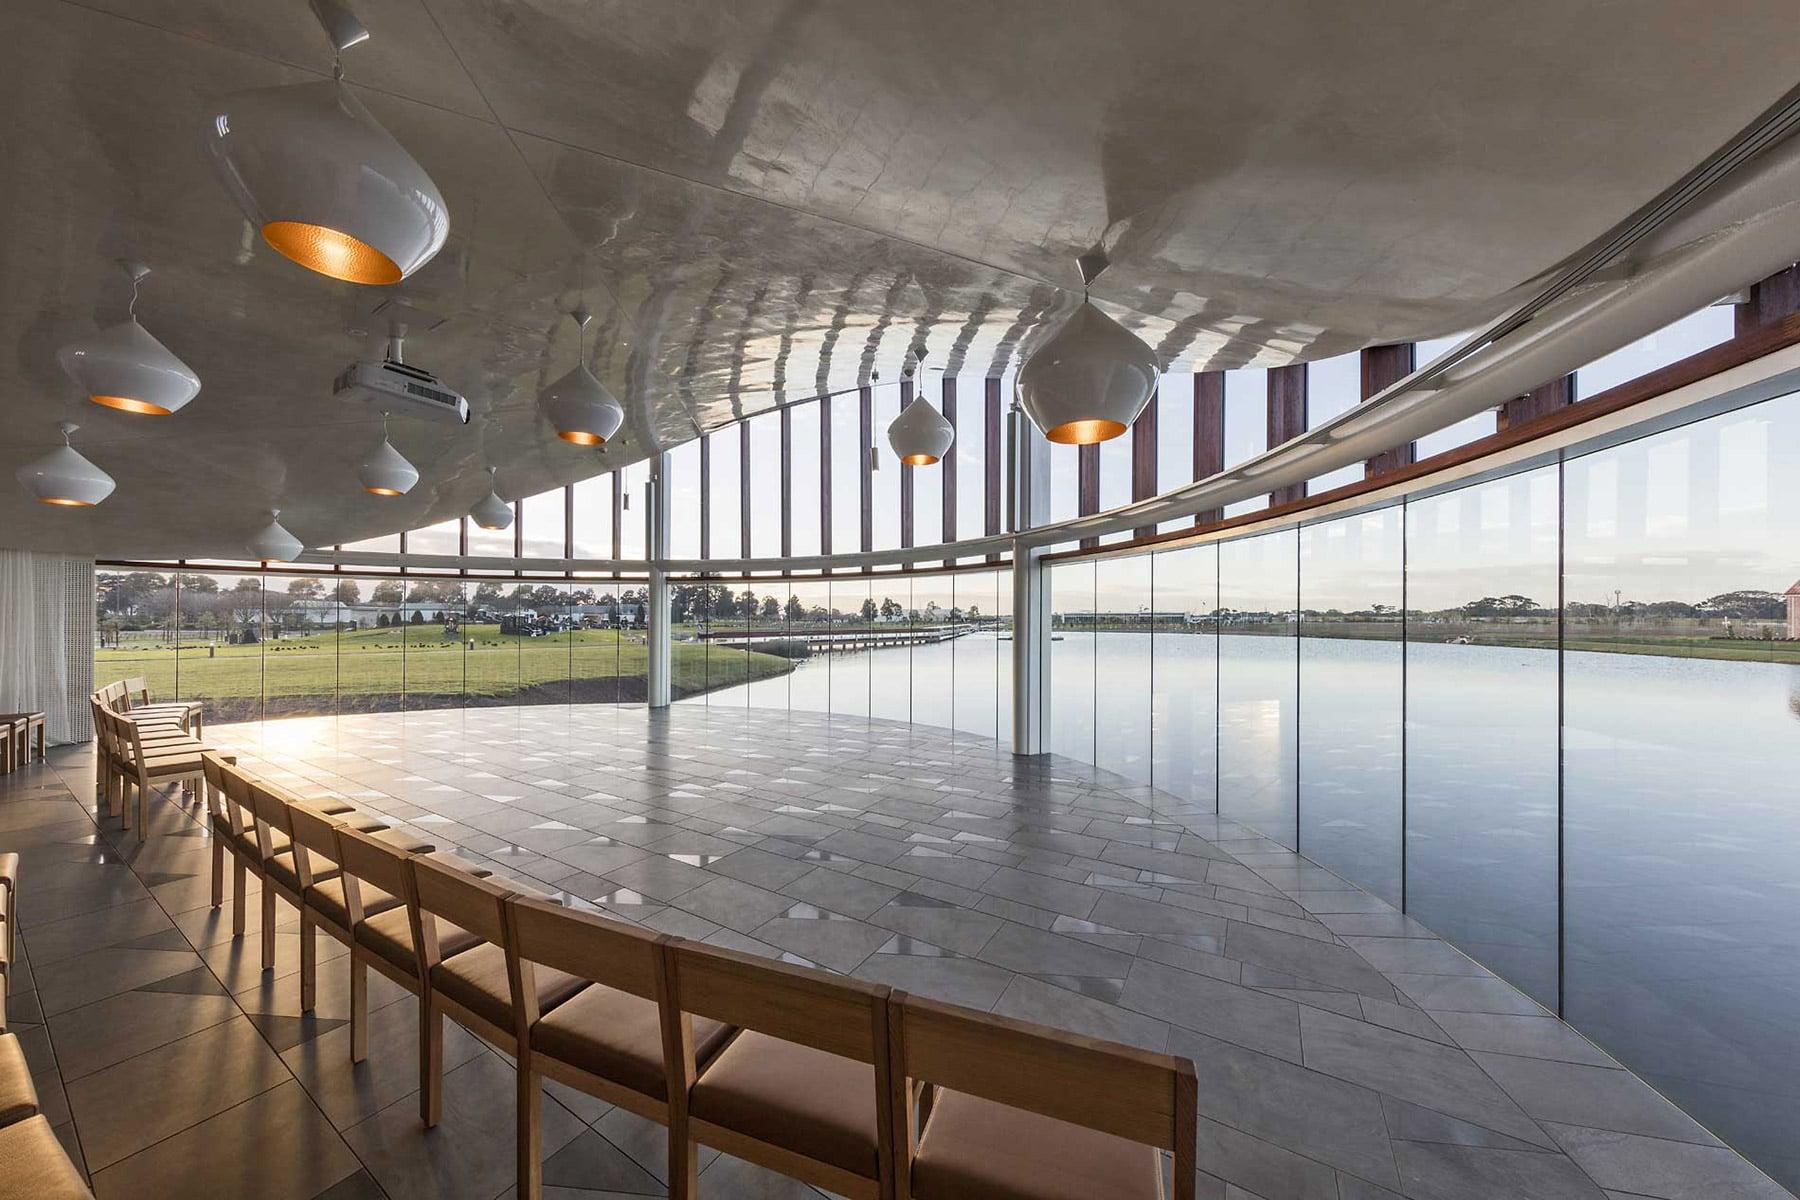 glassworks australia dandenong panel glass in building